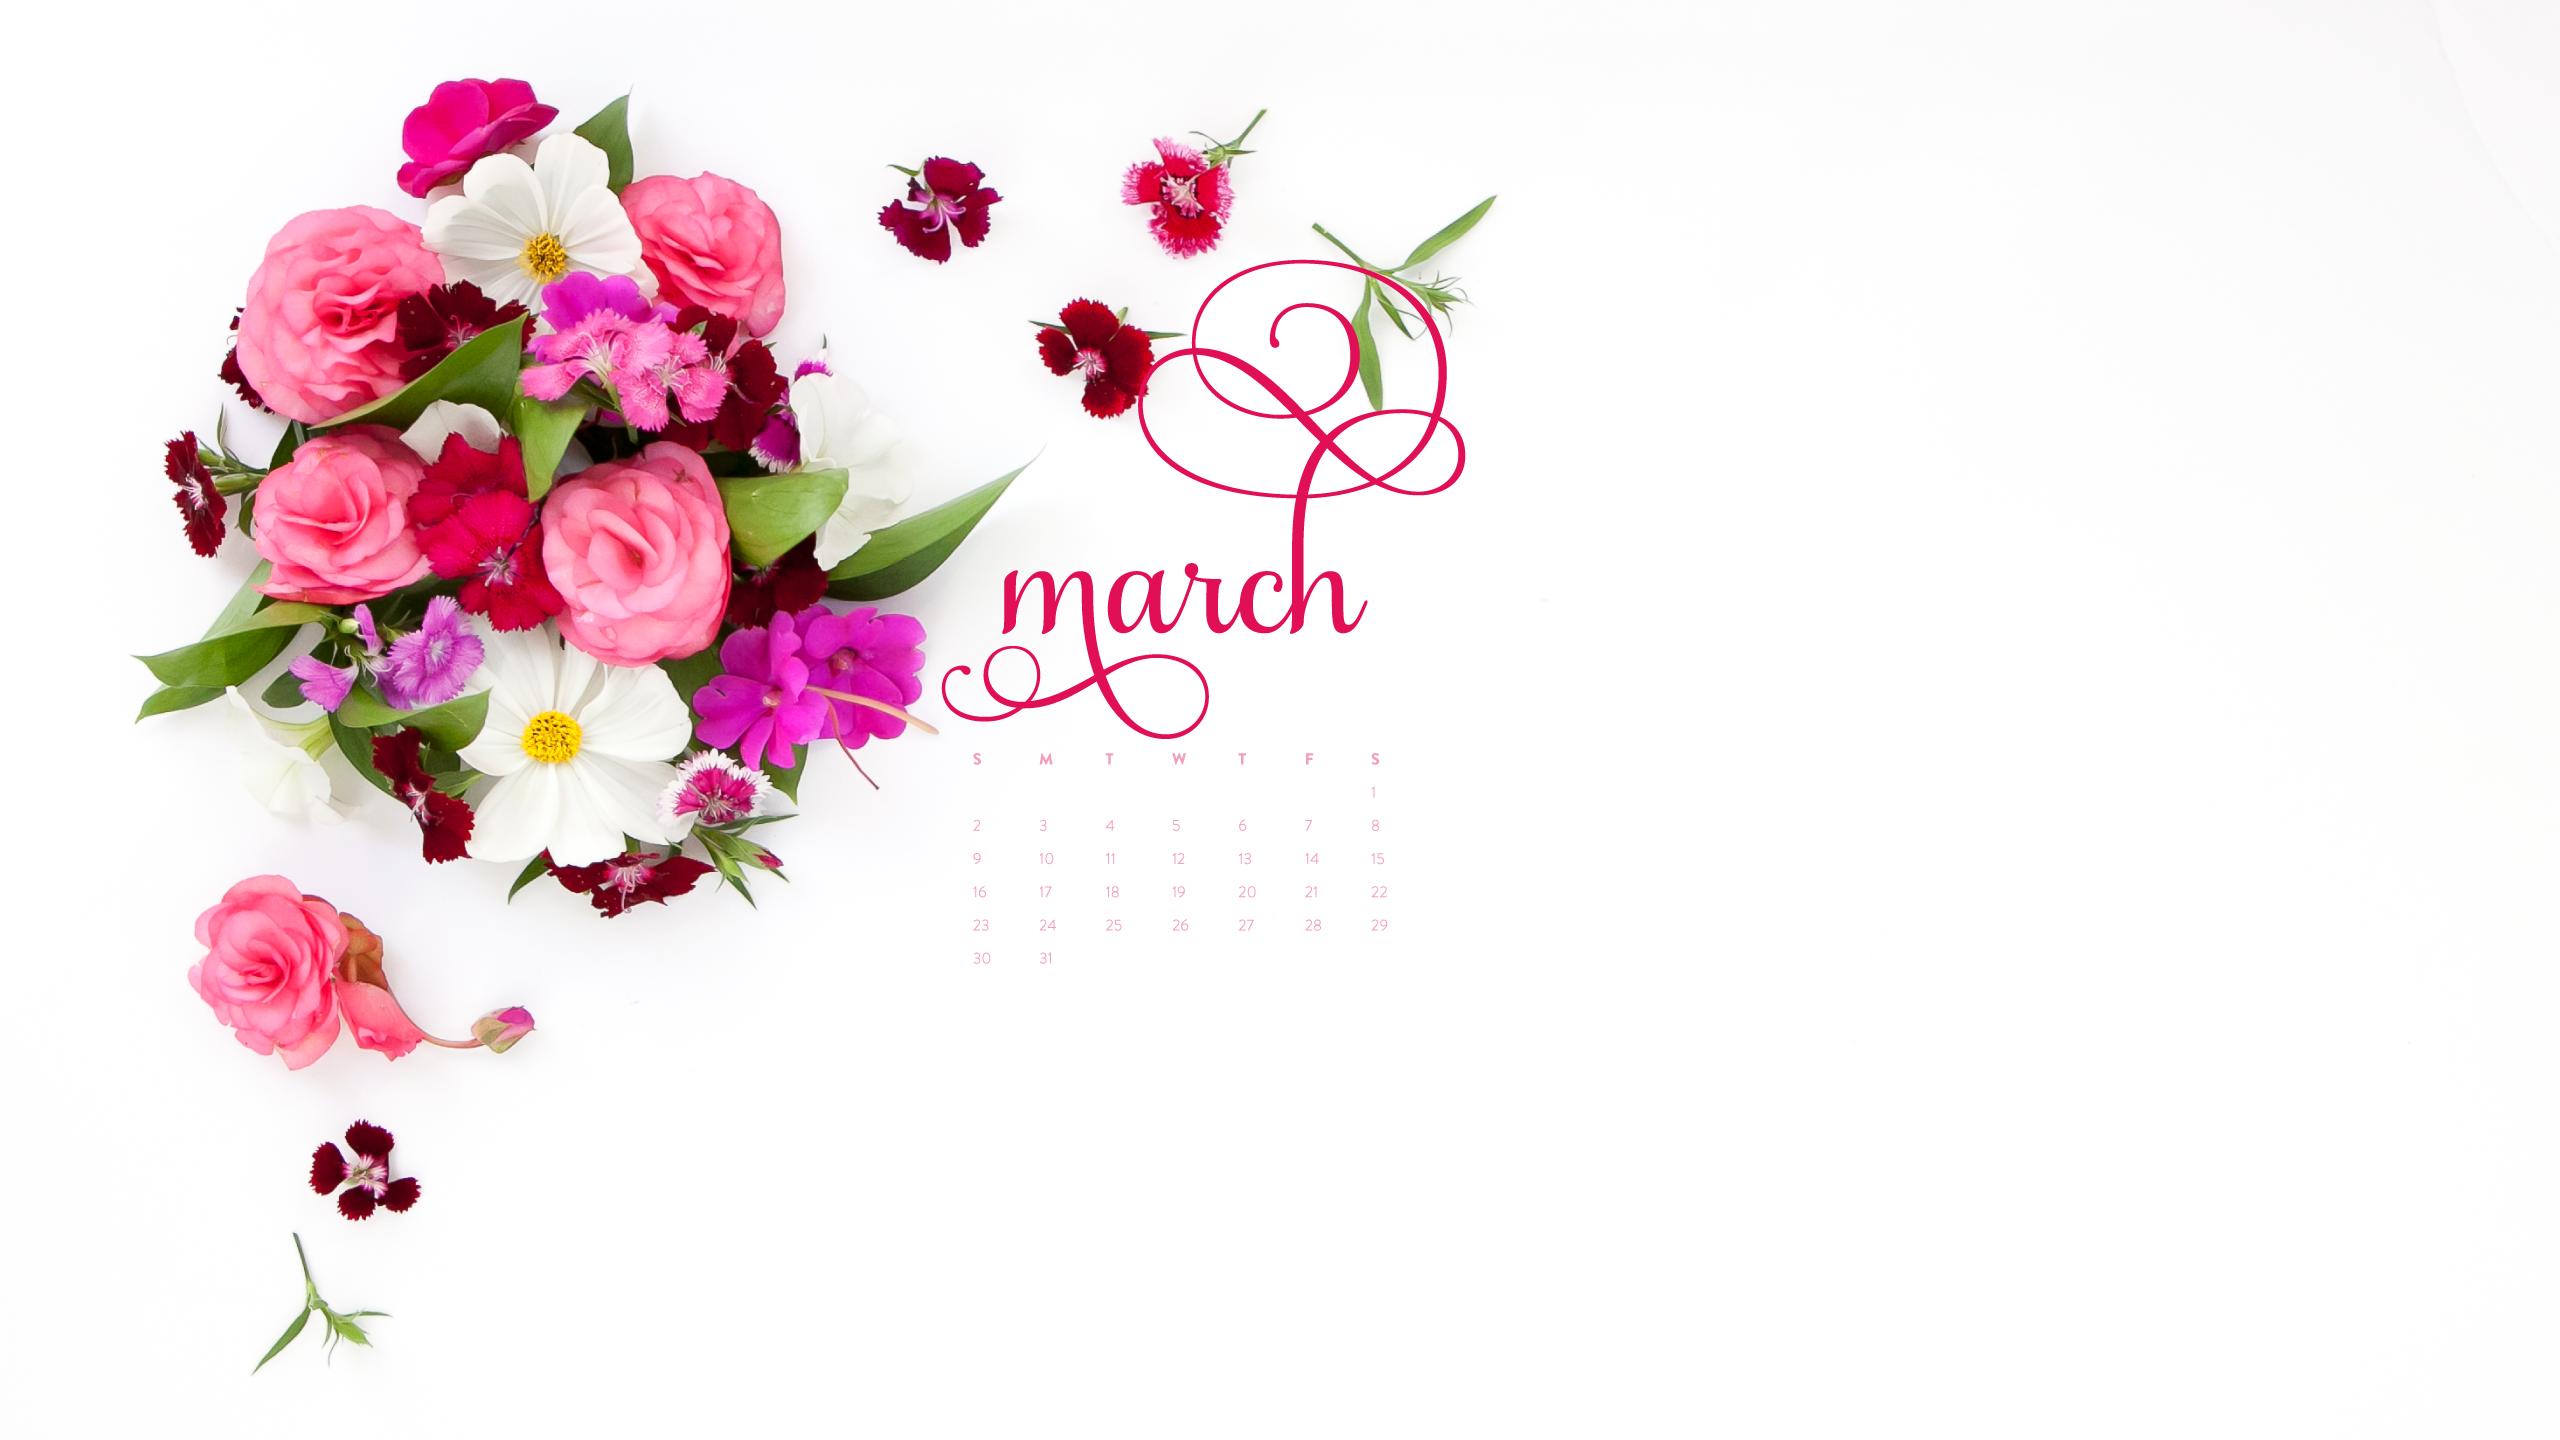 Calendar Wallpaper March : Desktop calendar march ashlee proffitt